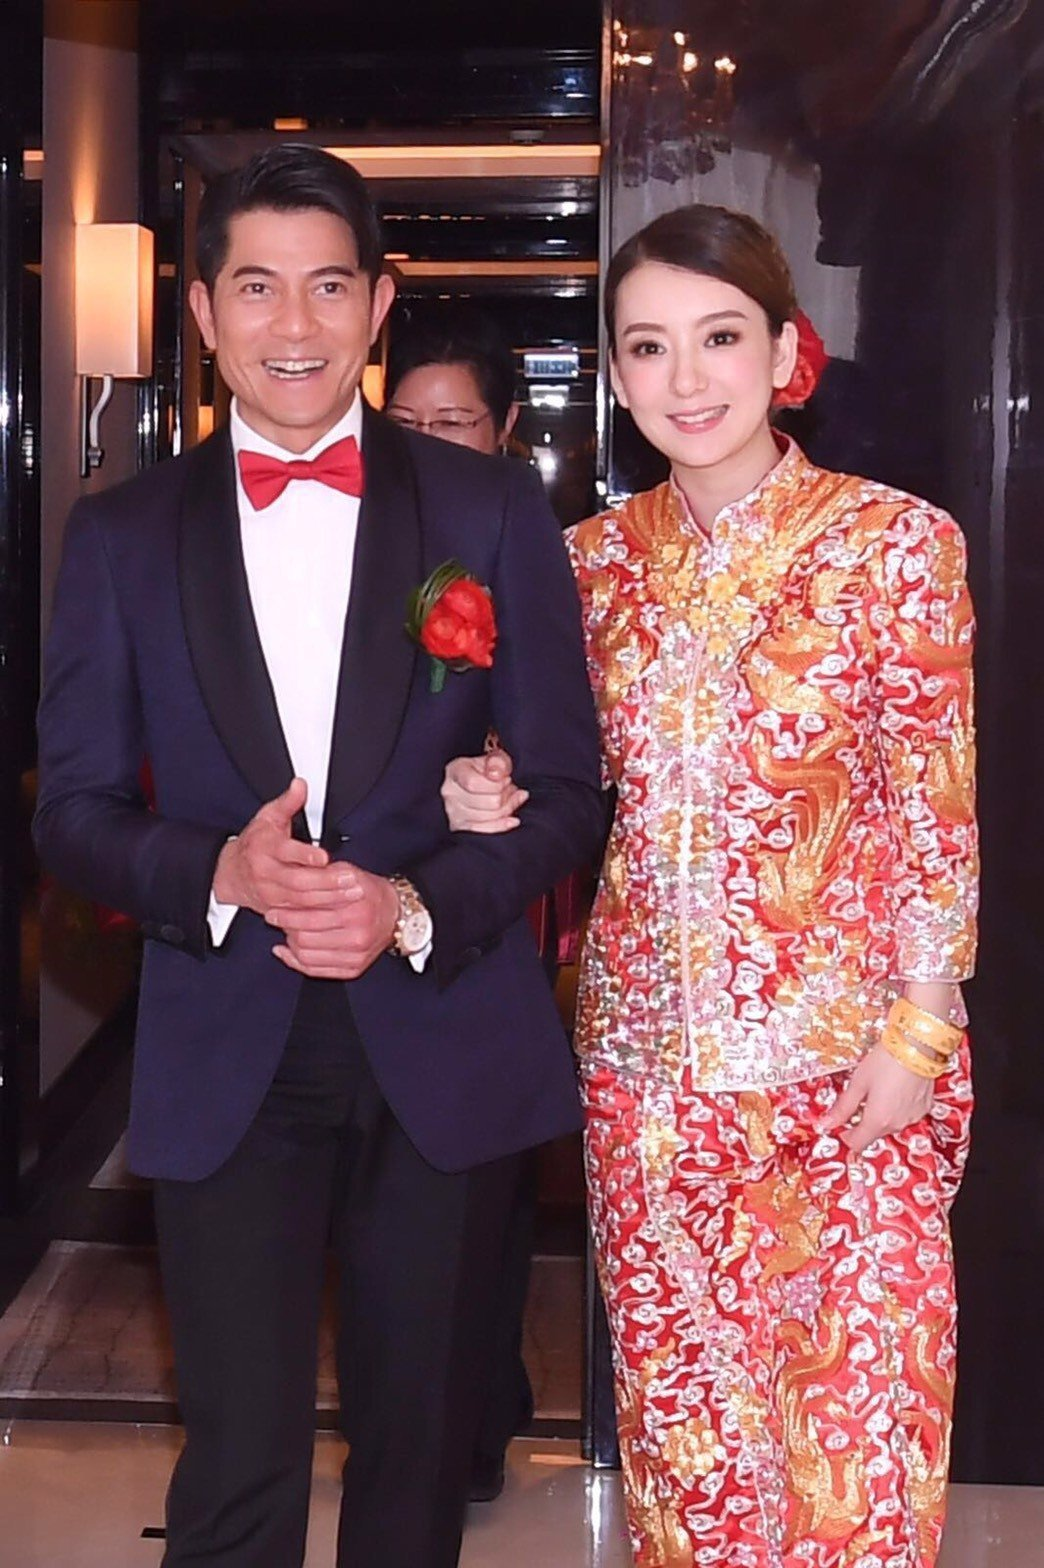 郭富城與方媛結婚,成為娛樂圈矚目大事。圖/小美工作室提供